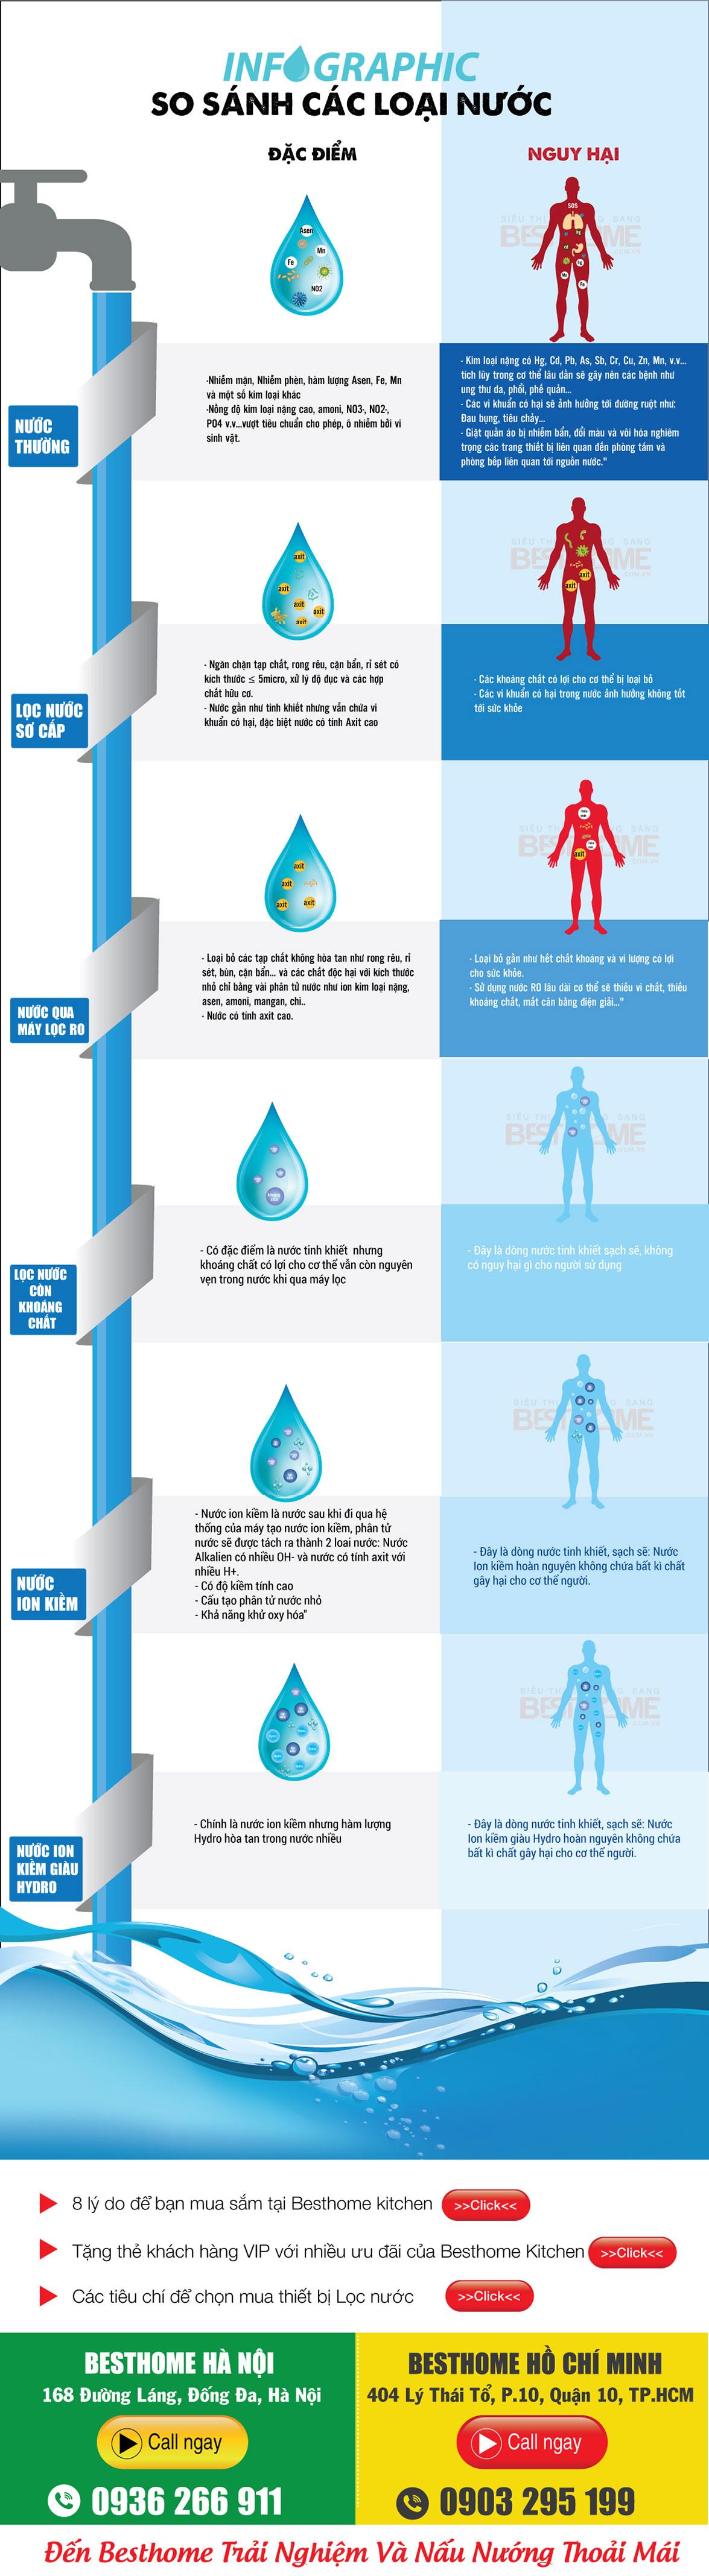 Đặc điểm của các loại nước BẮT BUỘC phải biết